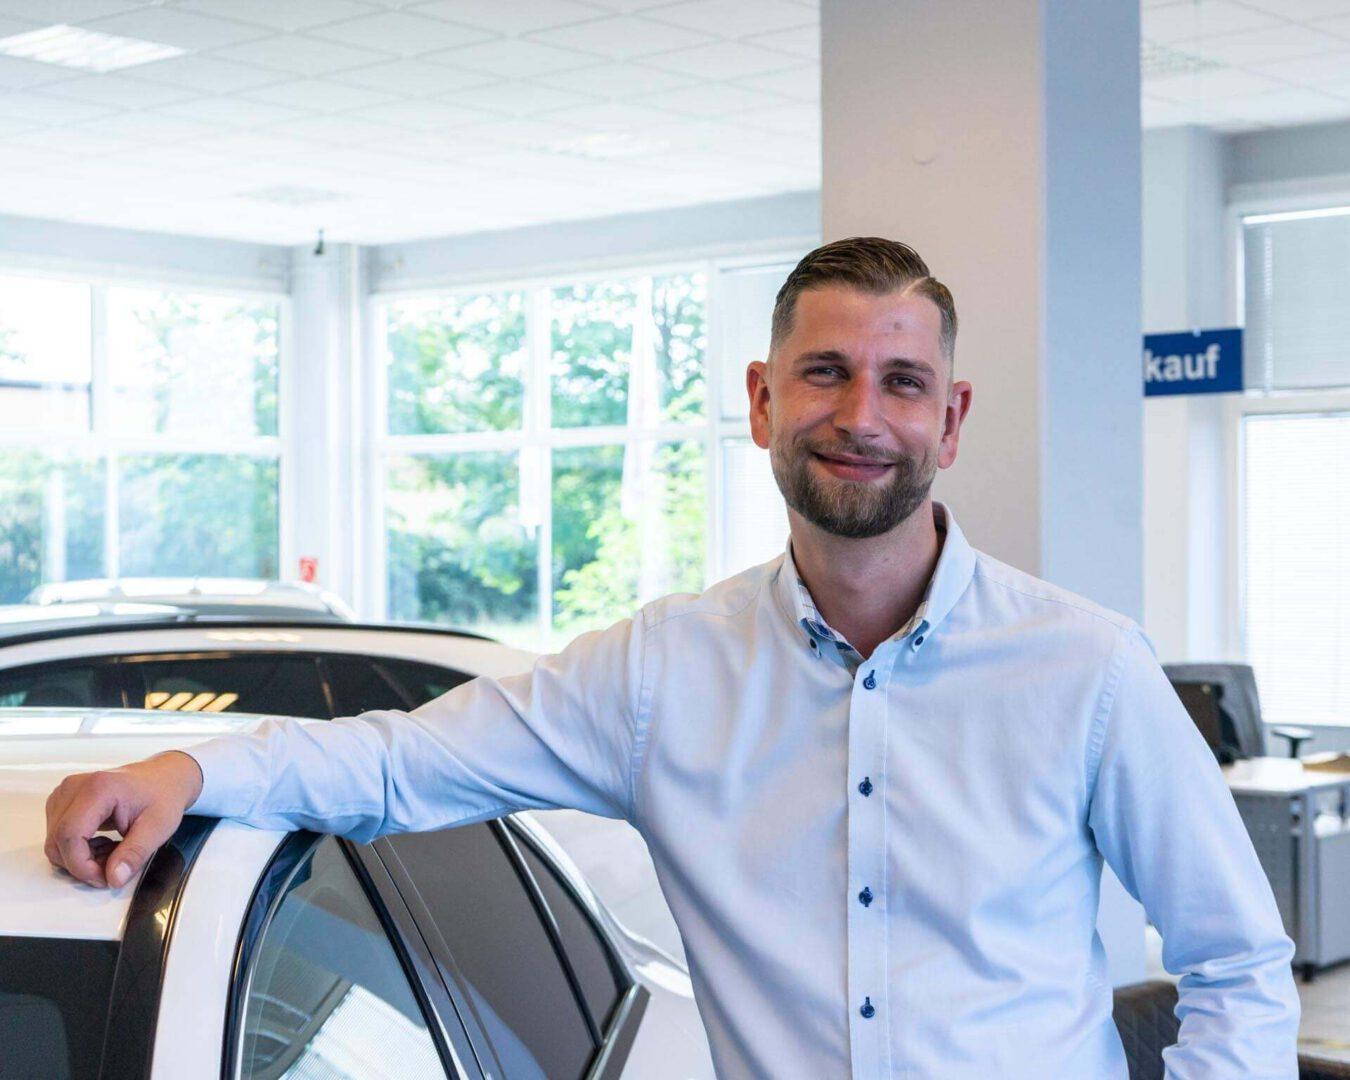 Kundenberater Thomas Müller vor Fahrzeugen